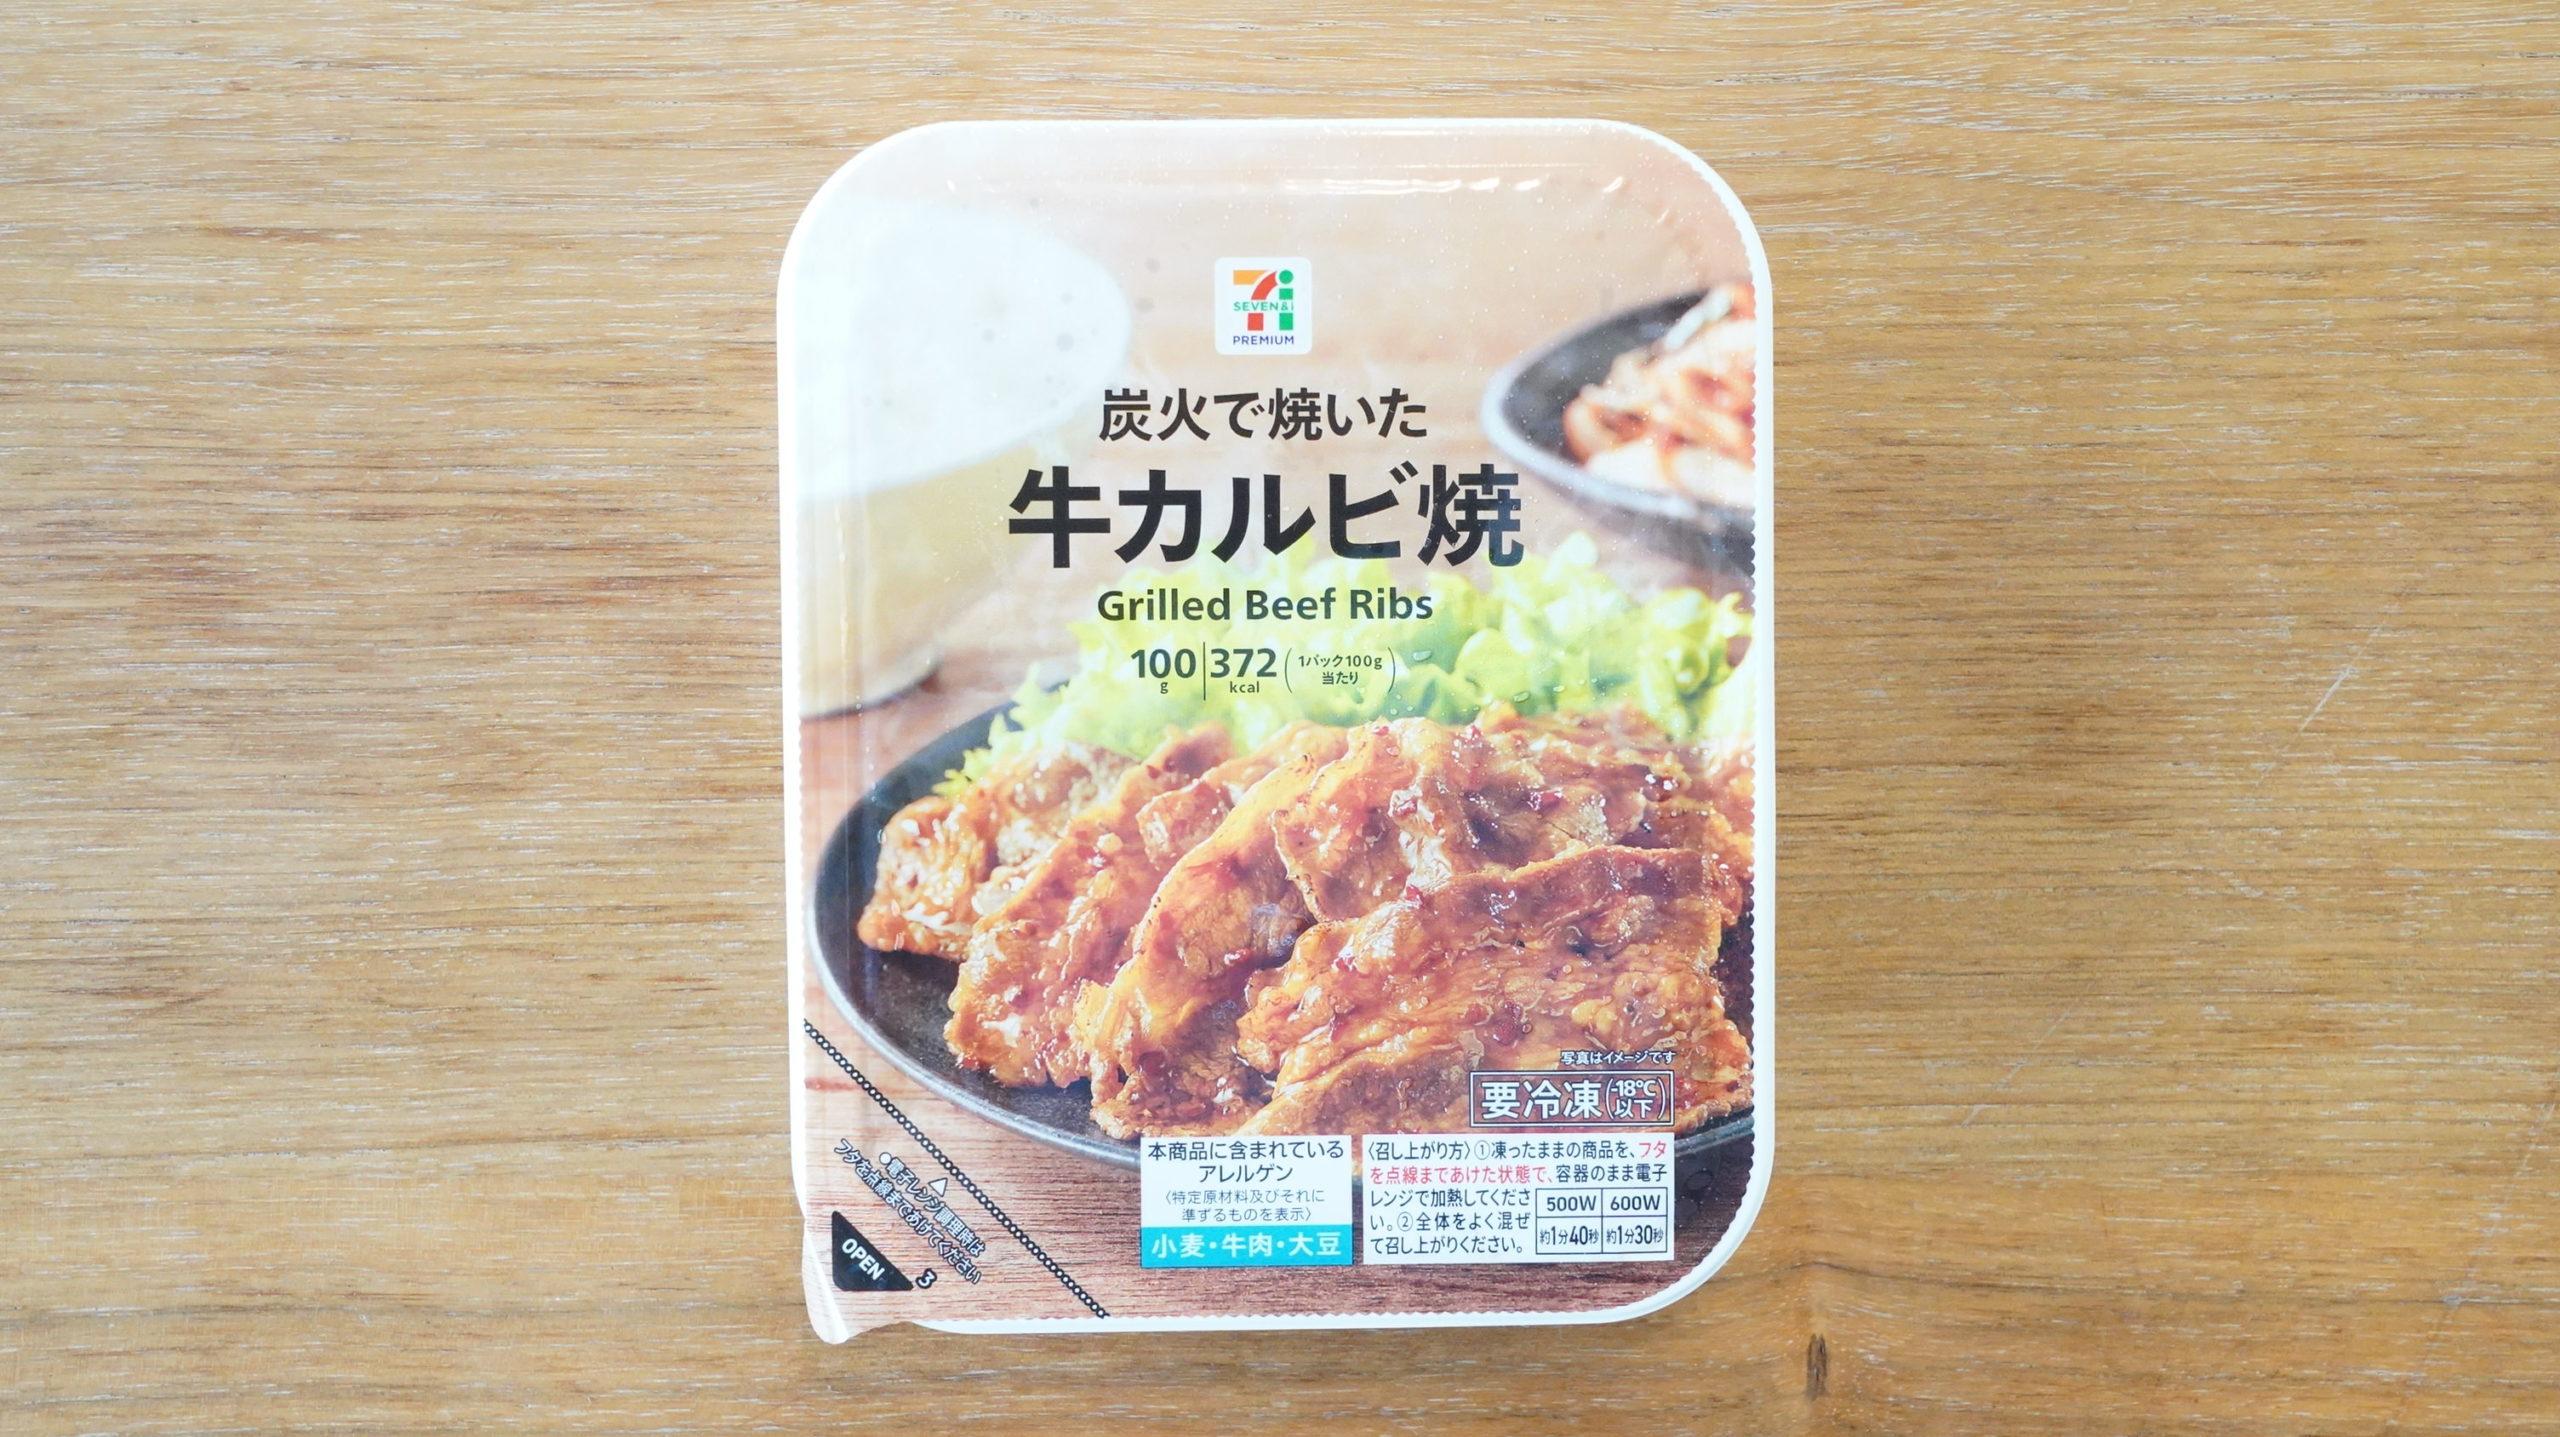 セブンイレブンのおすすめ冷凍食品「牛カルビ焼」のパッケージ写真